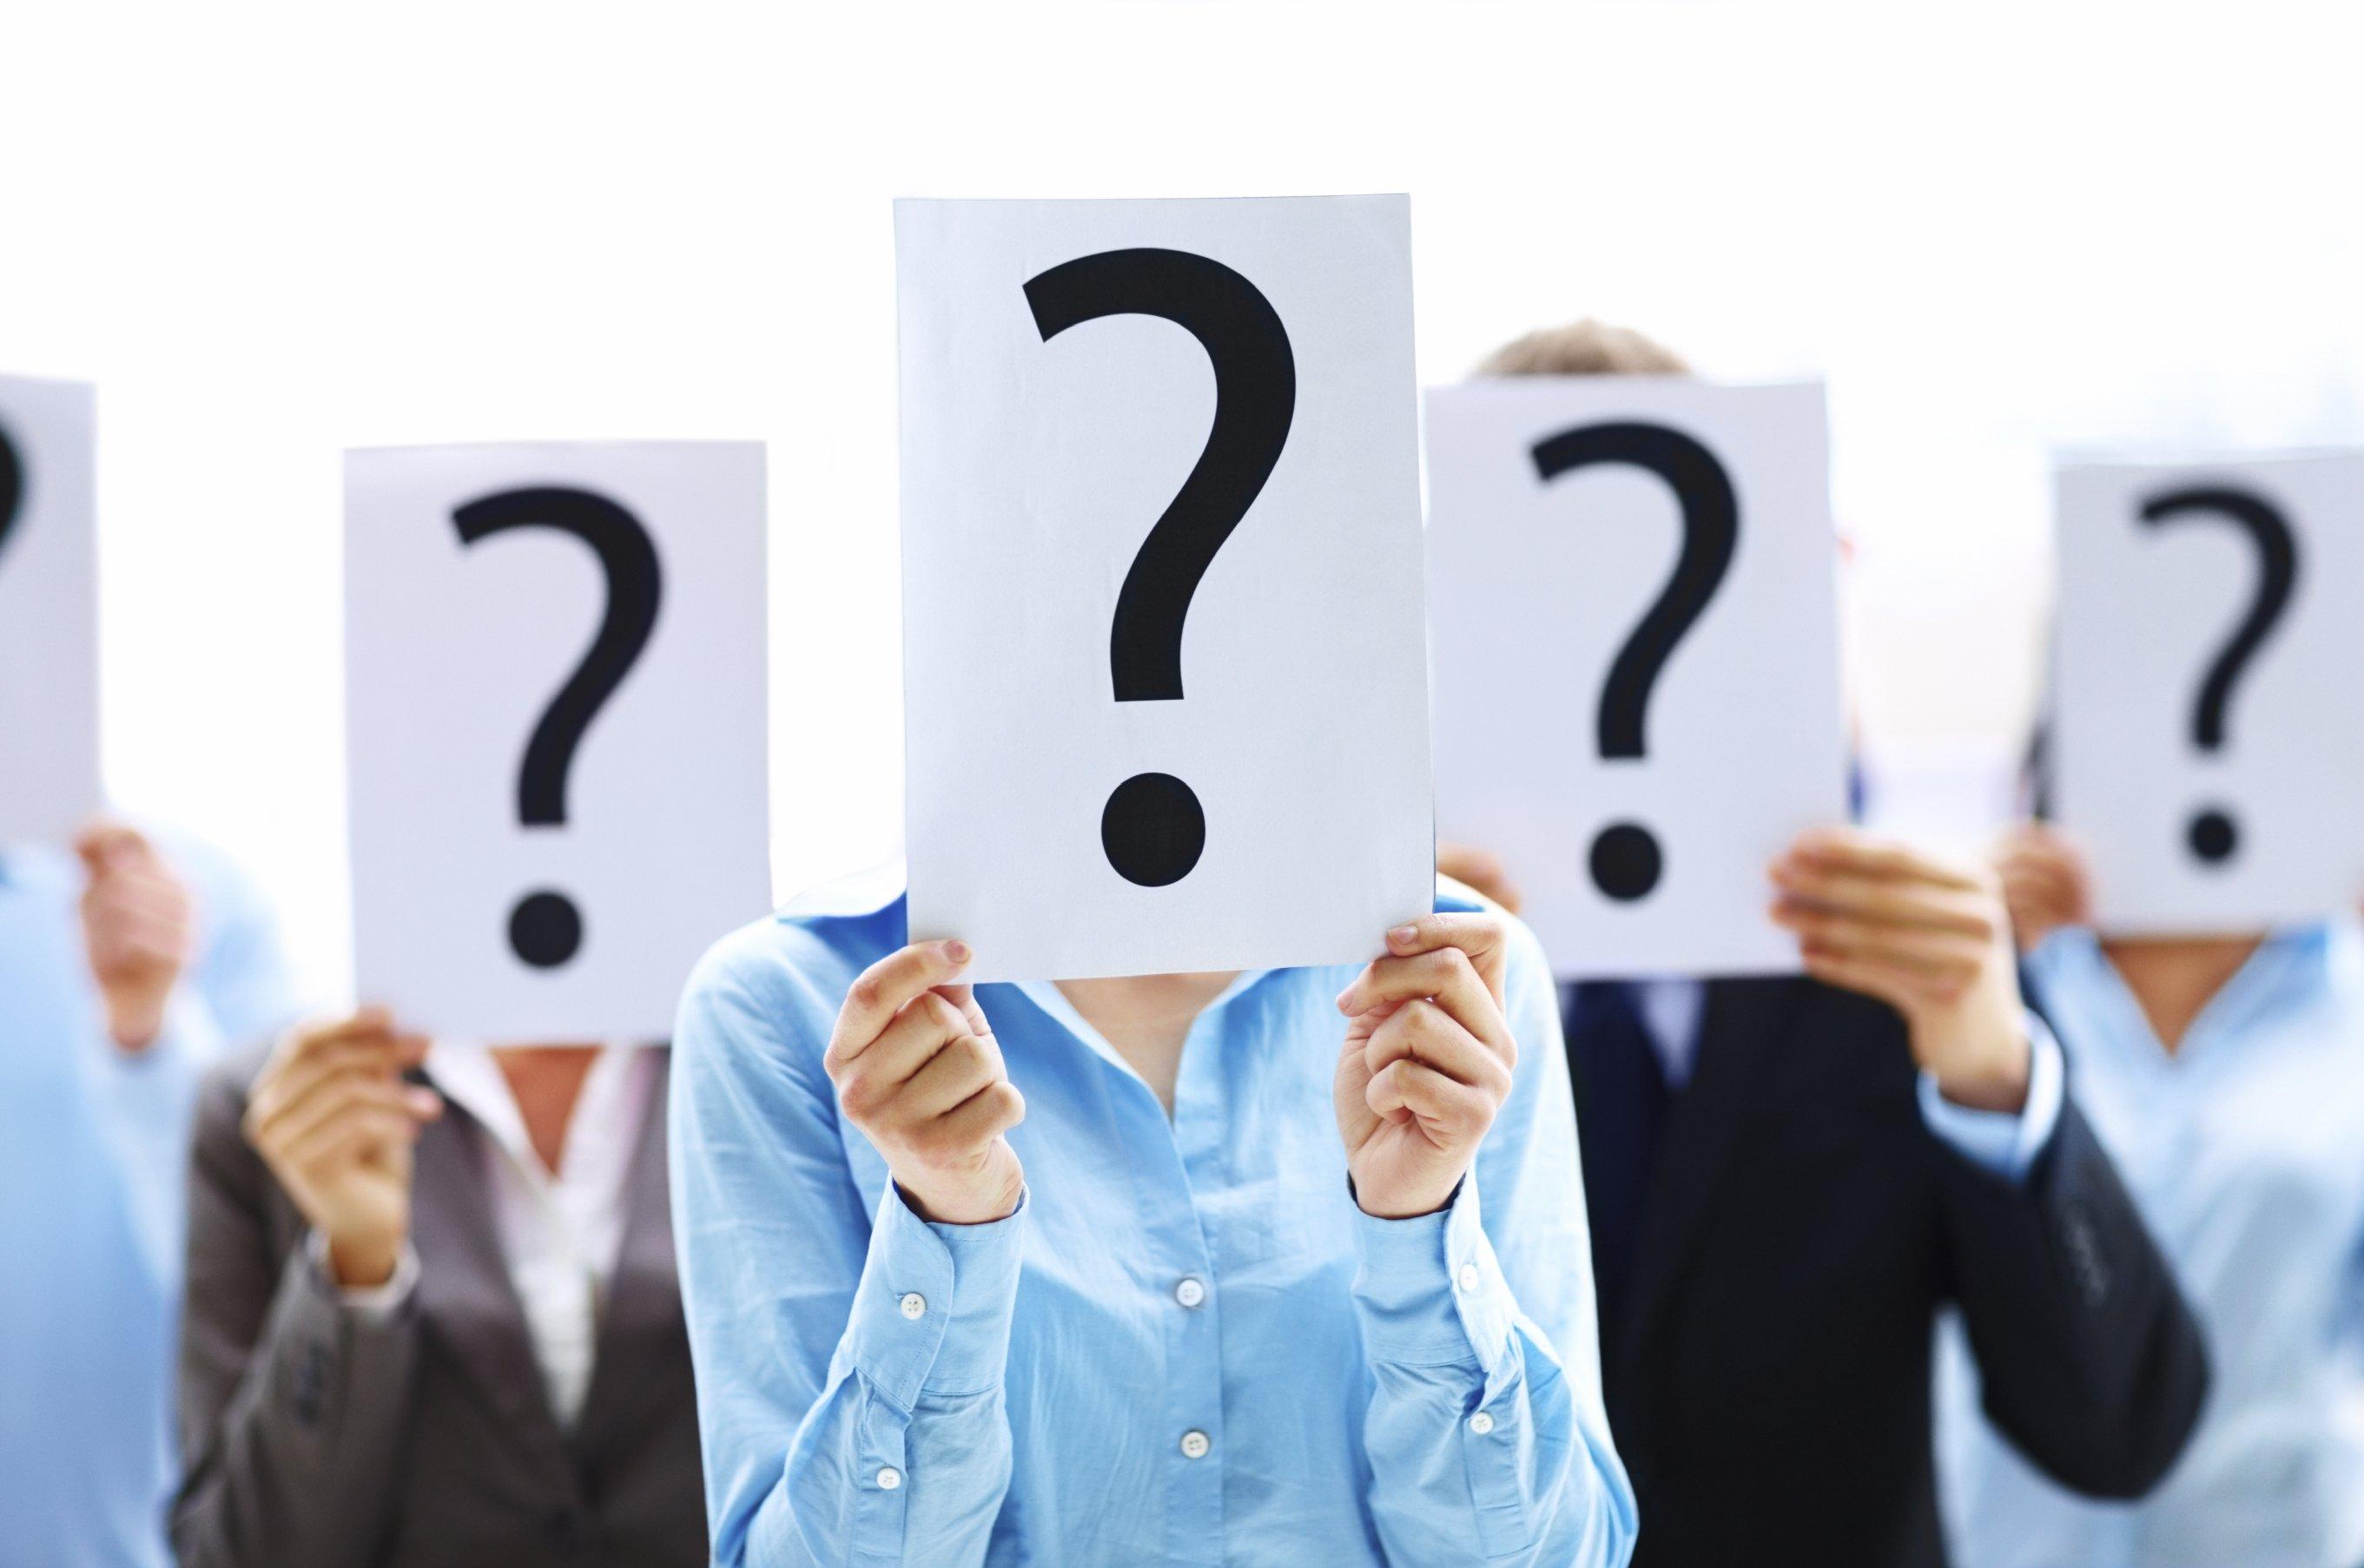 O que são projetos conscientes? O que é um negócio consciente?